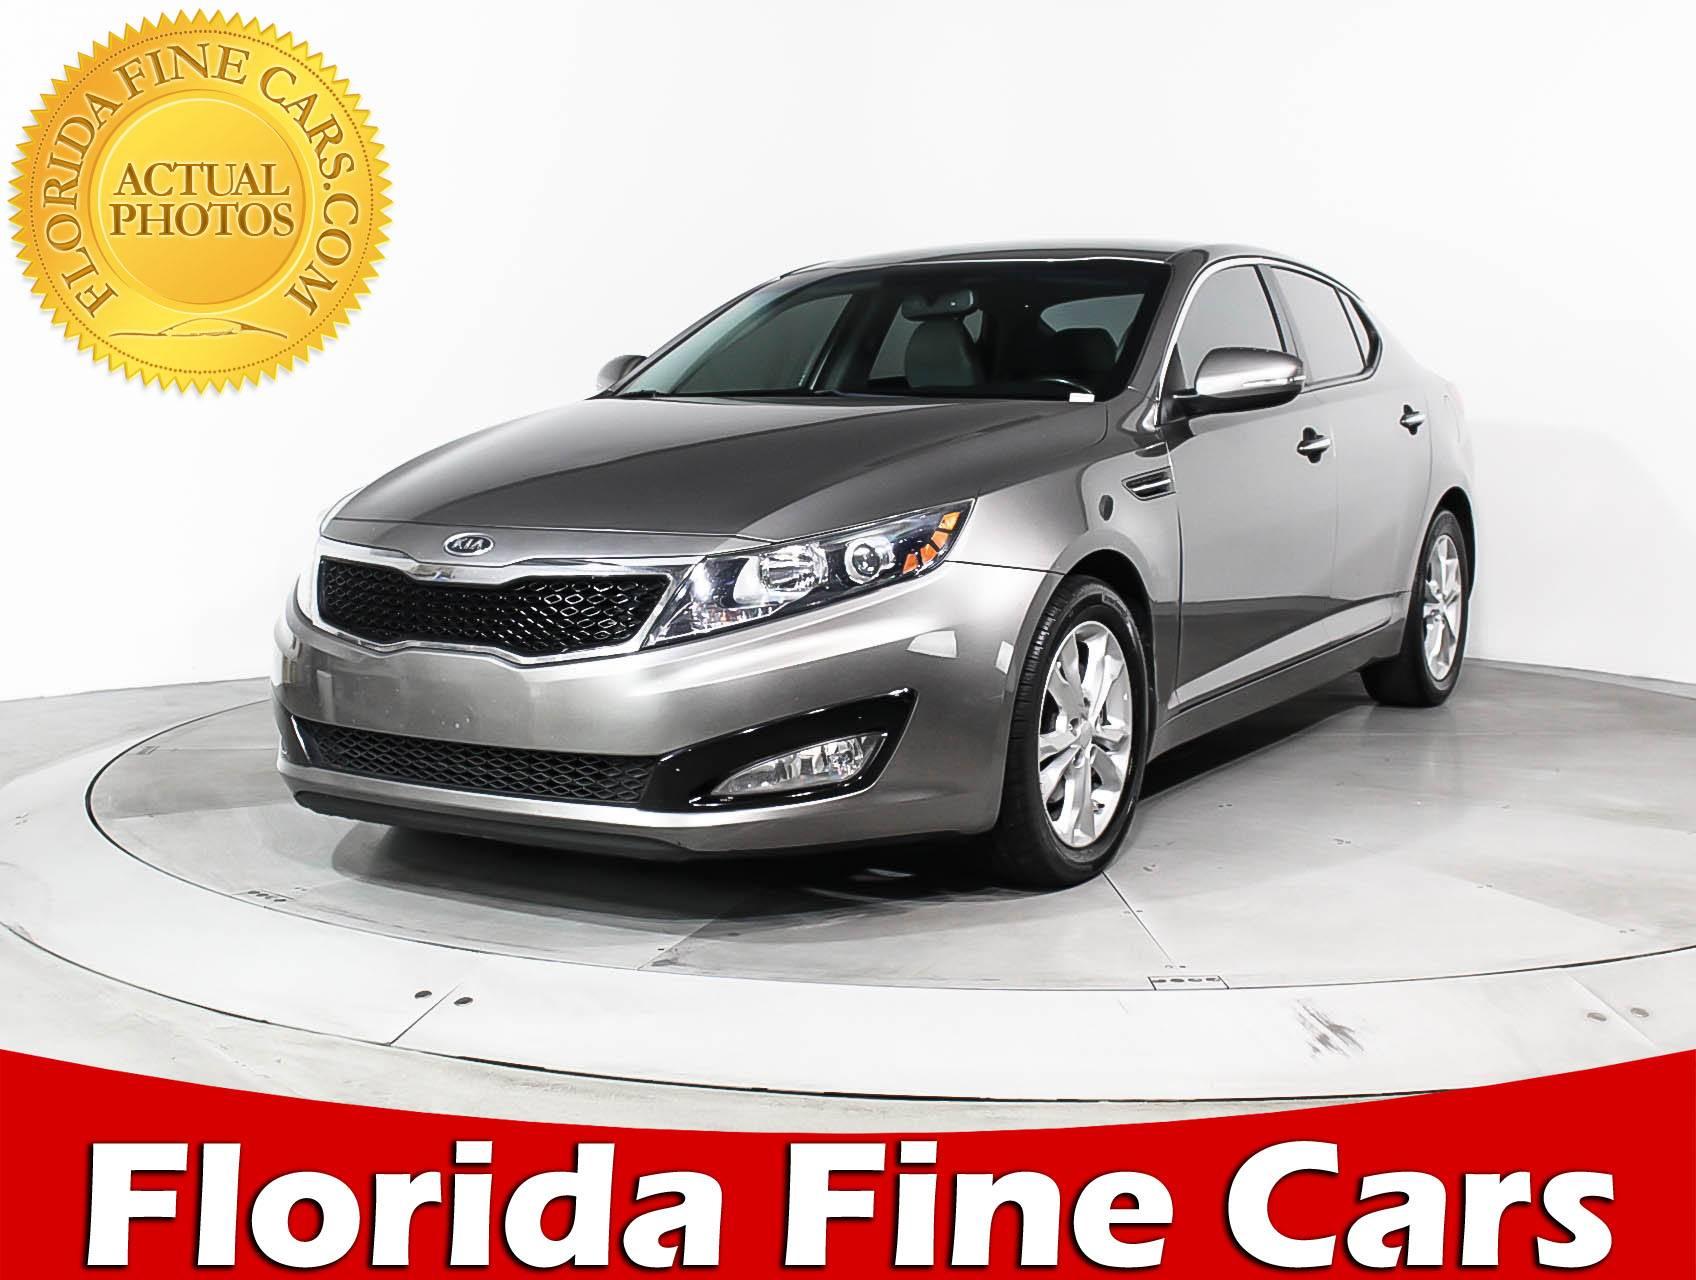 Used 2012 KIA OPTIMA Ex Sedan For Sale In HOLLYWOOD, FL | 92649 | Florida  Fine Cars